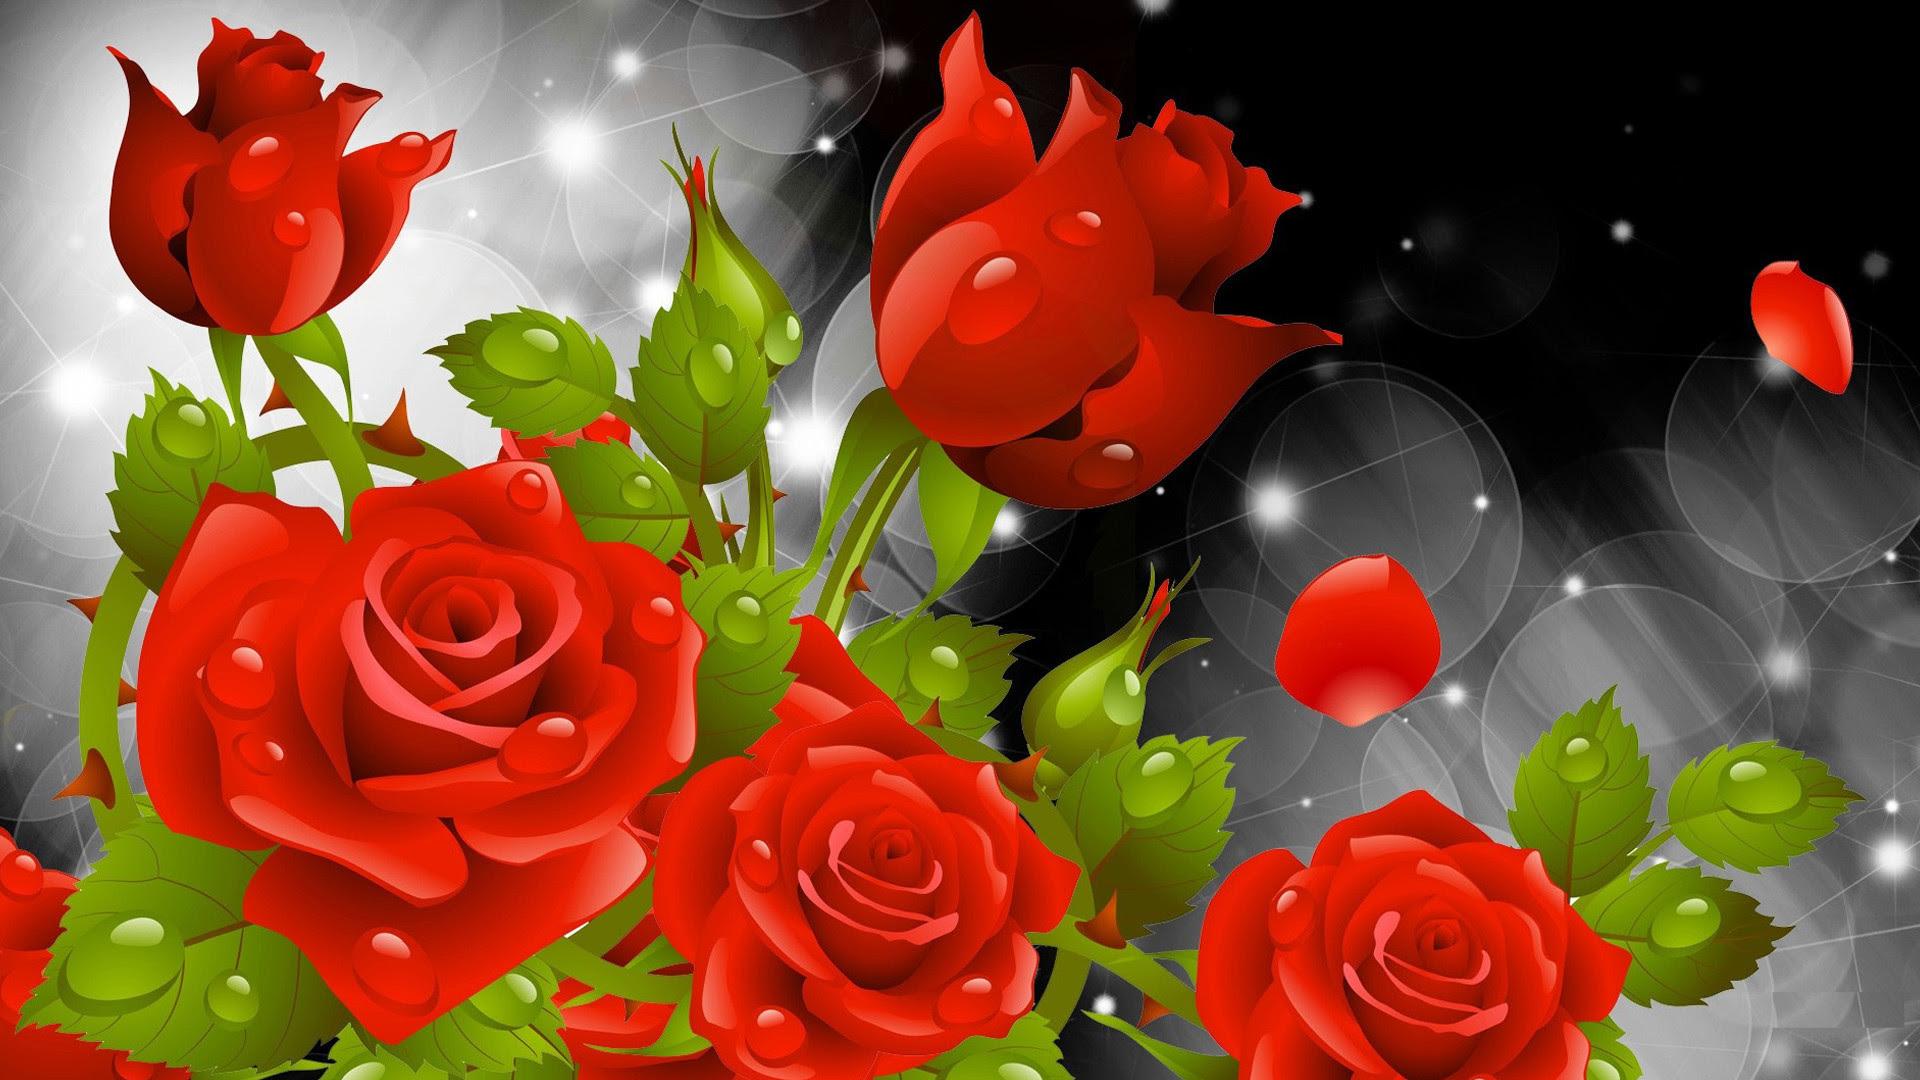 Rose Flower Wallpapers For Desktop 48 Images